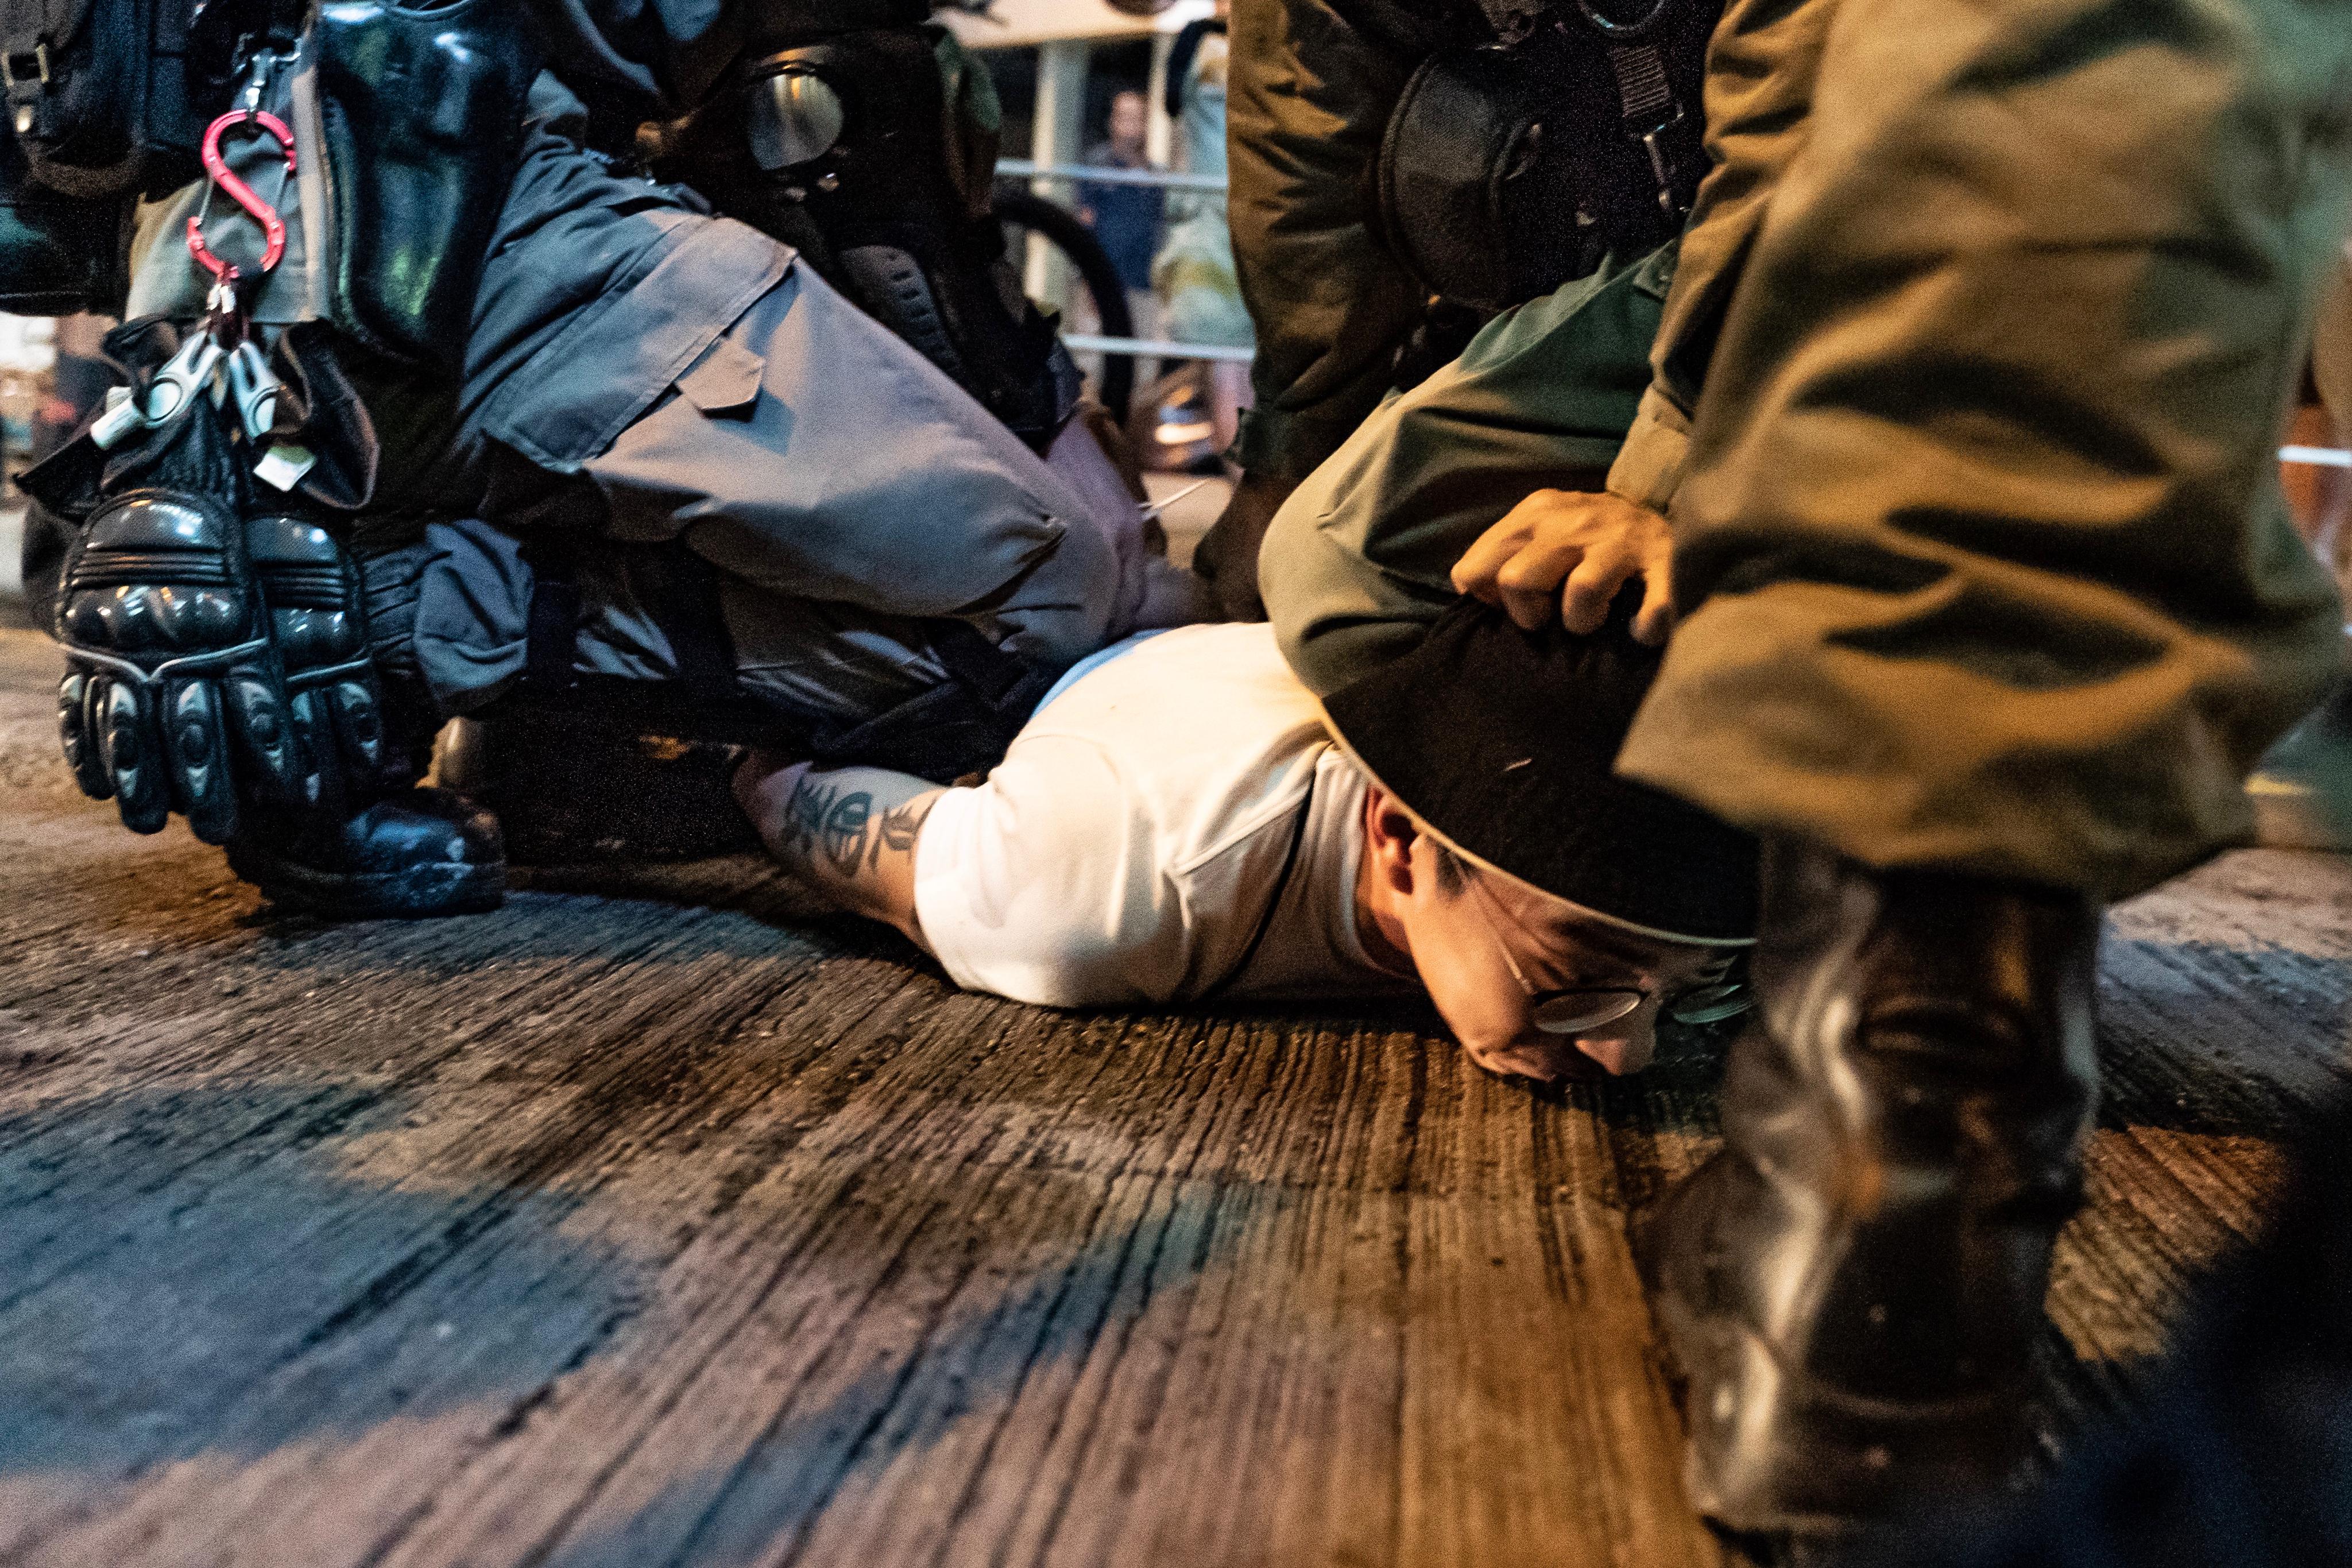 香港警察在反送中運動涉及過度執法的行為引發爭議。(圖片來源:Anthony Kwan/Getty Images)